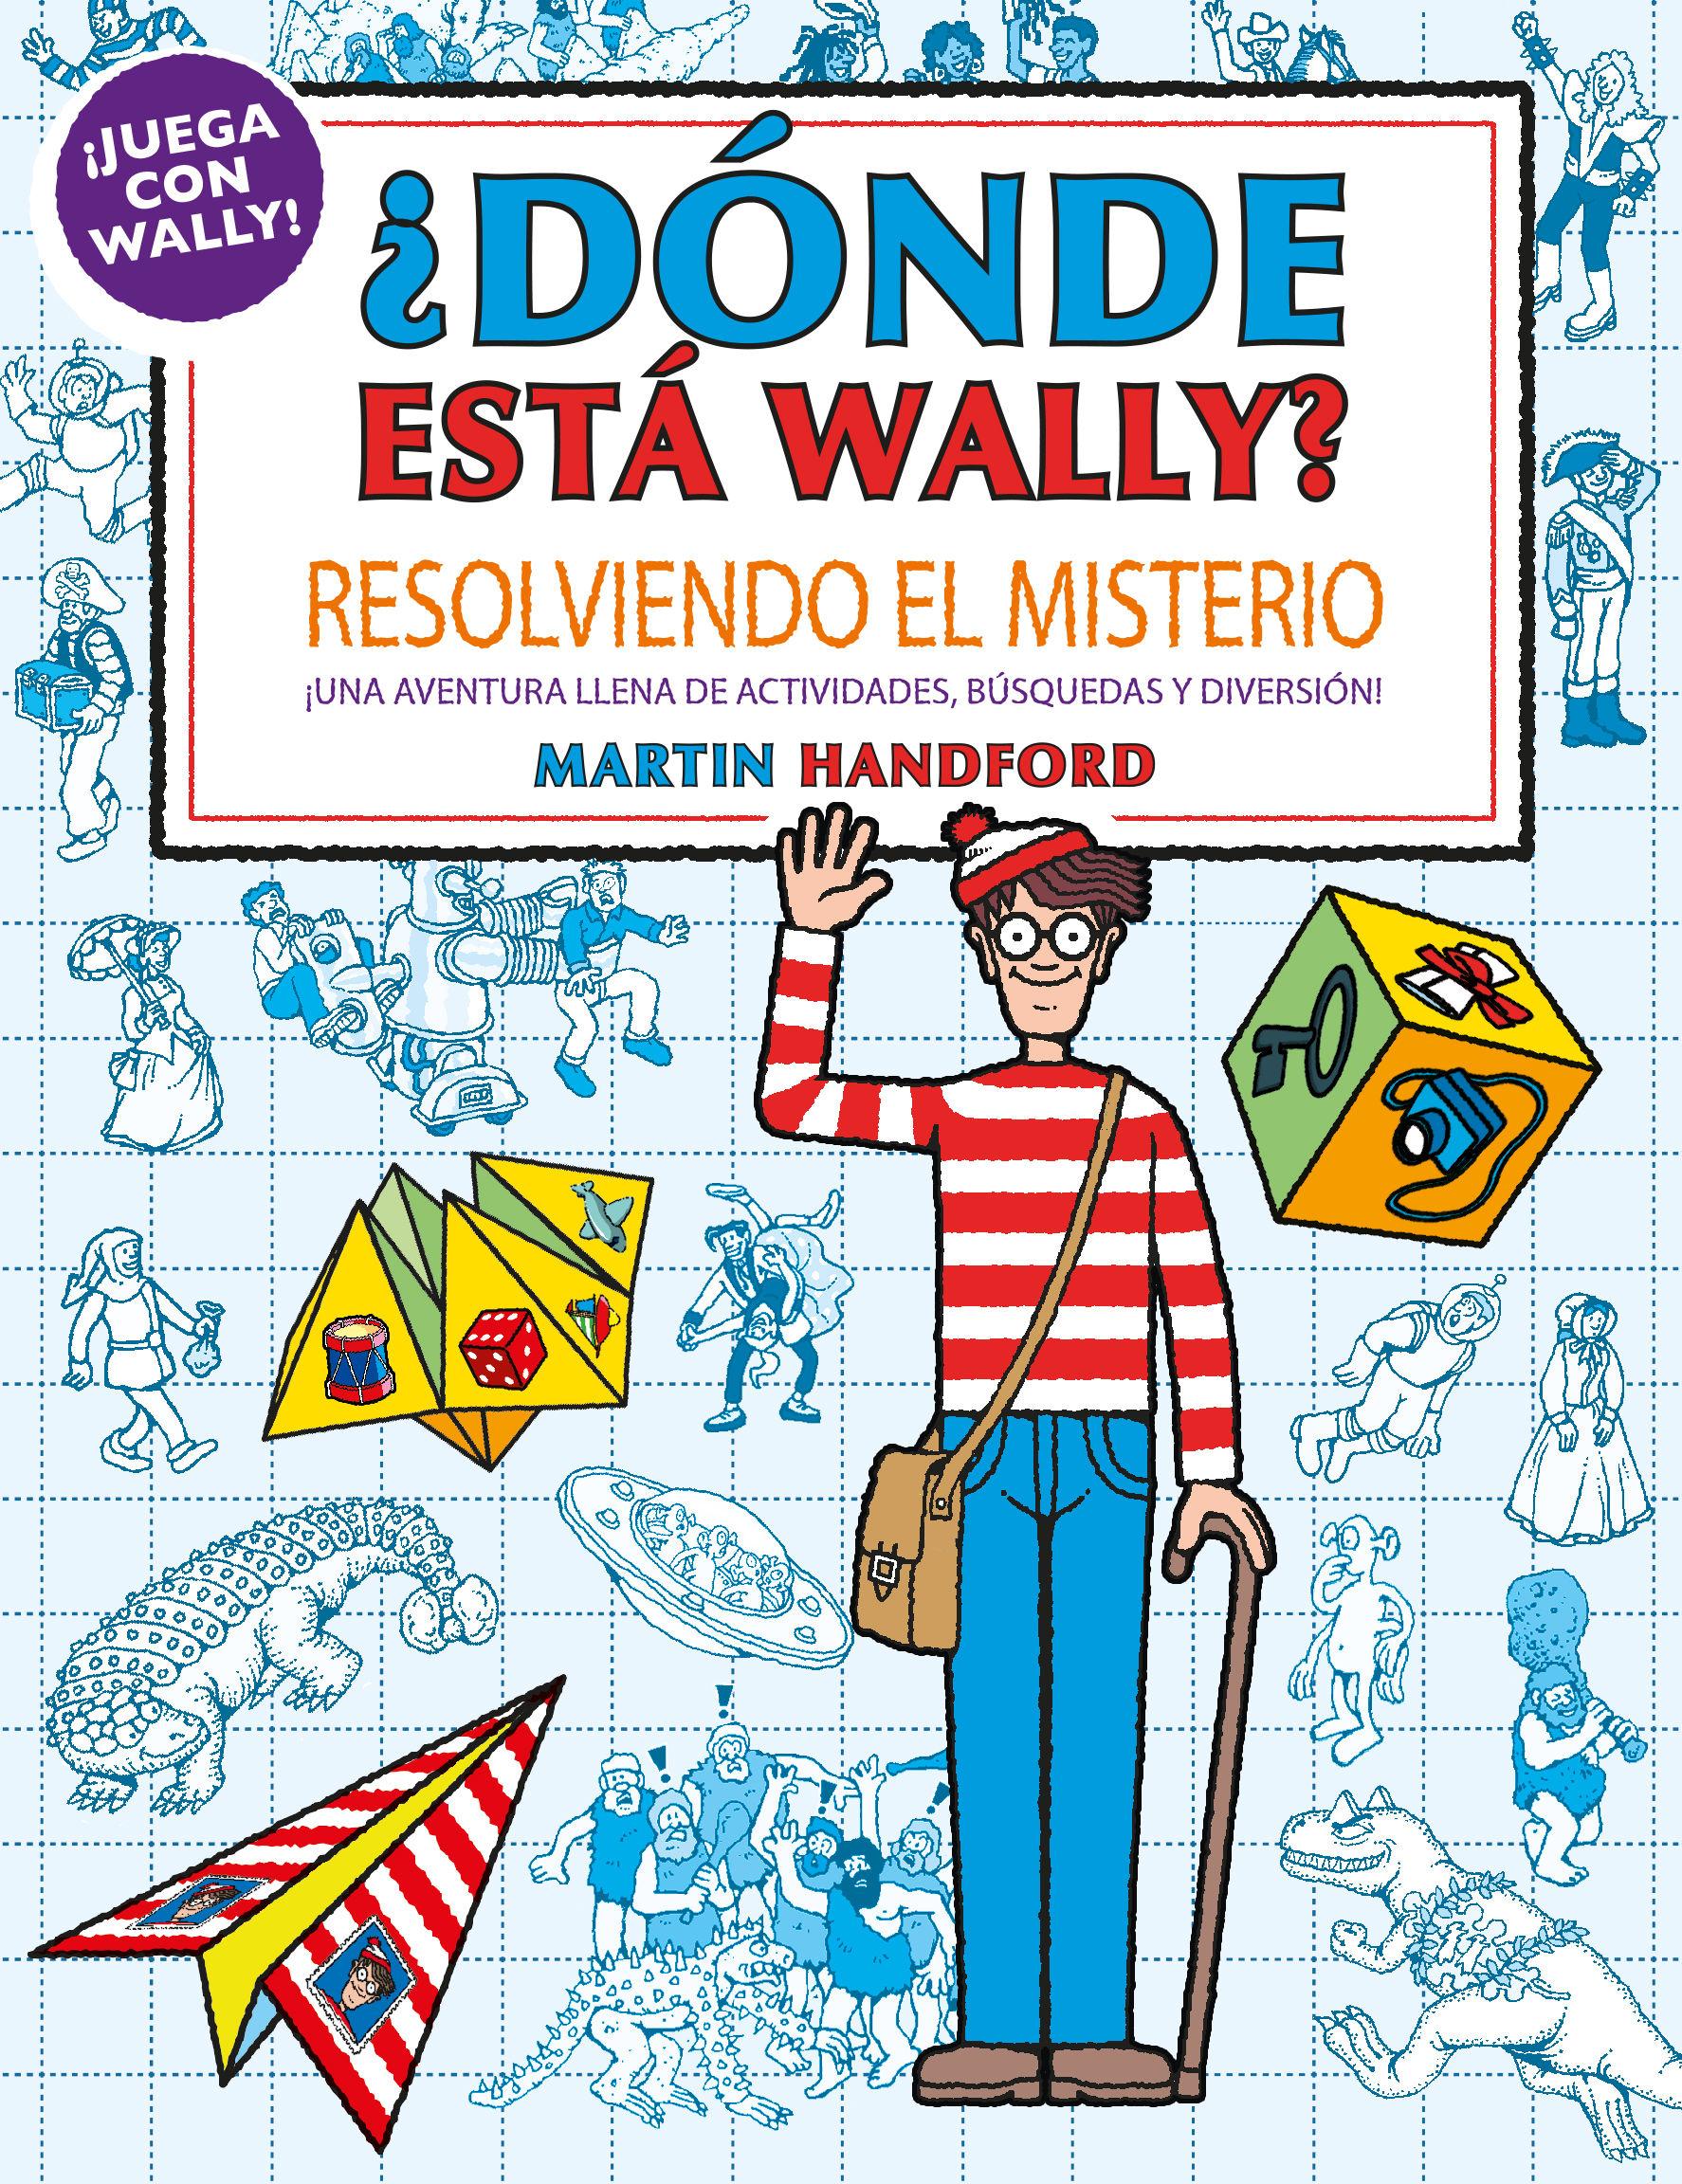 DONDE ESTA WALLY RESOLVIENDO EL MISTERIO